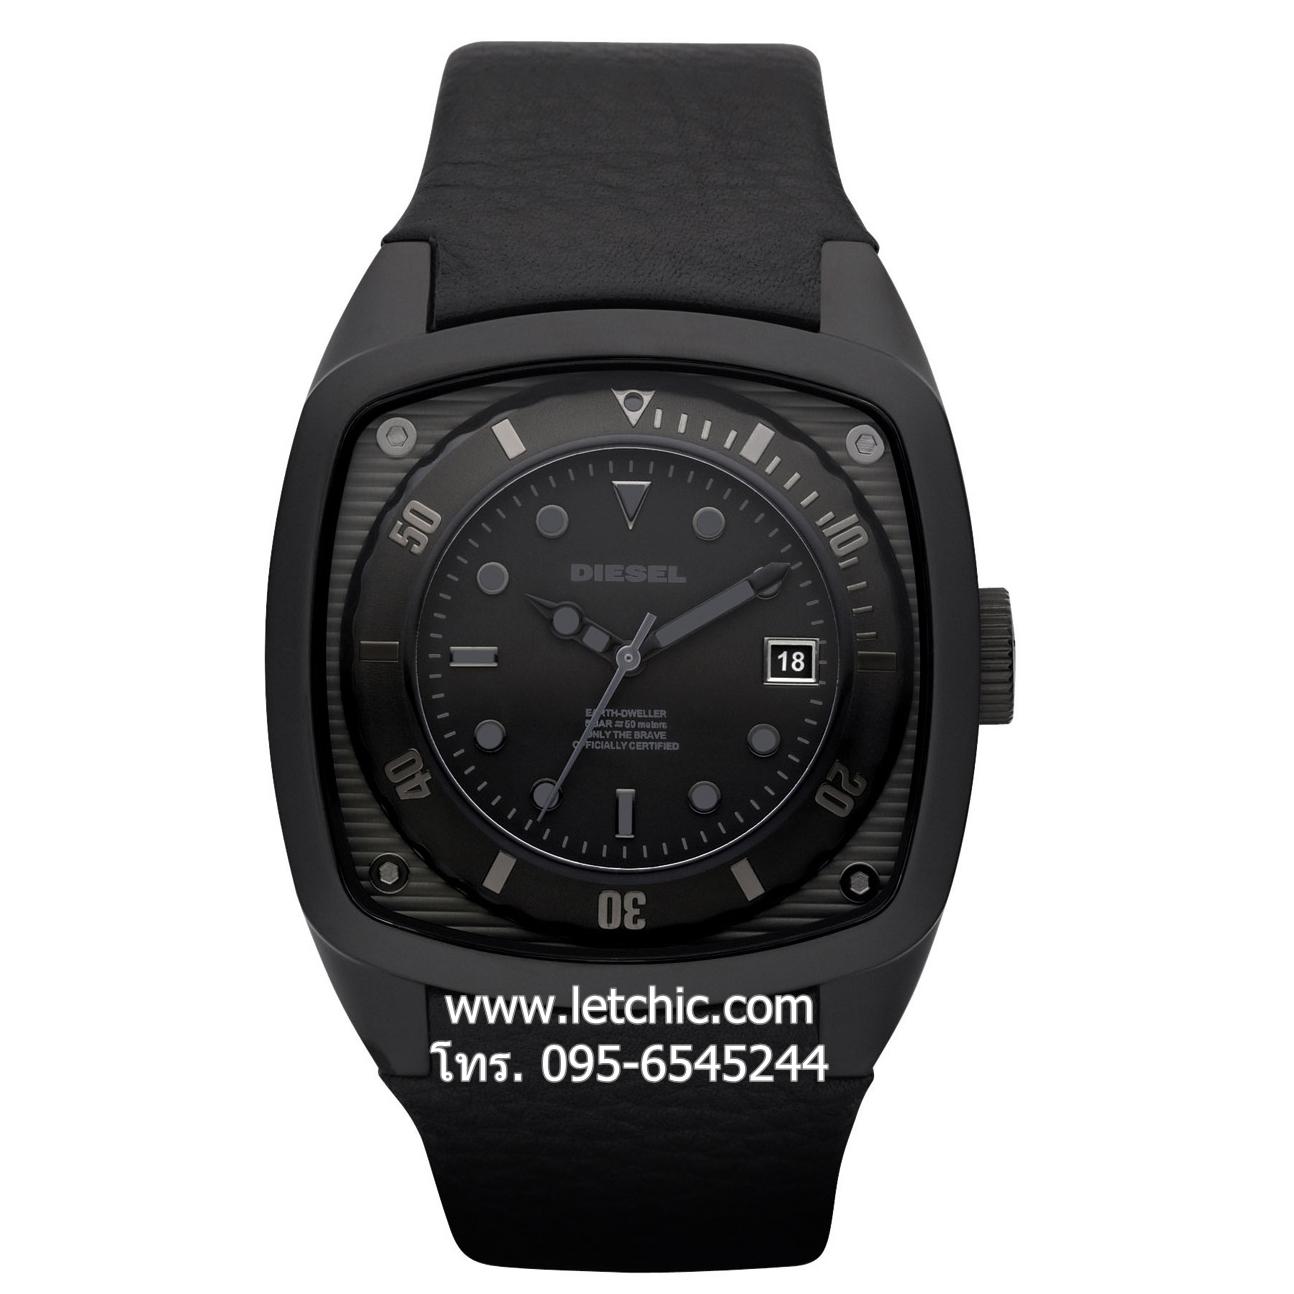 นาฬิกา Diesel รุ่น DZ1492 นาฬิกาข้อมือผู้ชาย ของแท้ ประกันศูนย์ไทย 2 ปี ส่งพร้อมกล่อง และใบรับประกัน